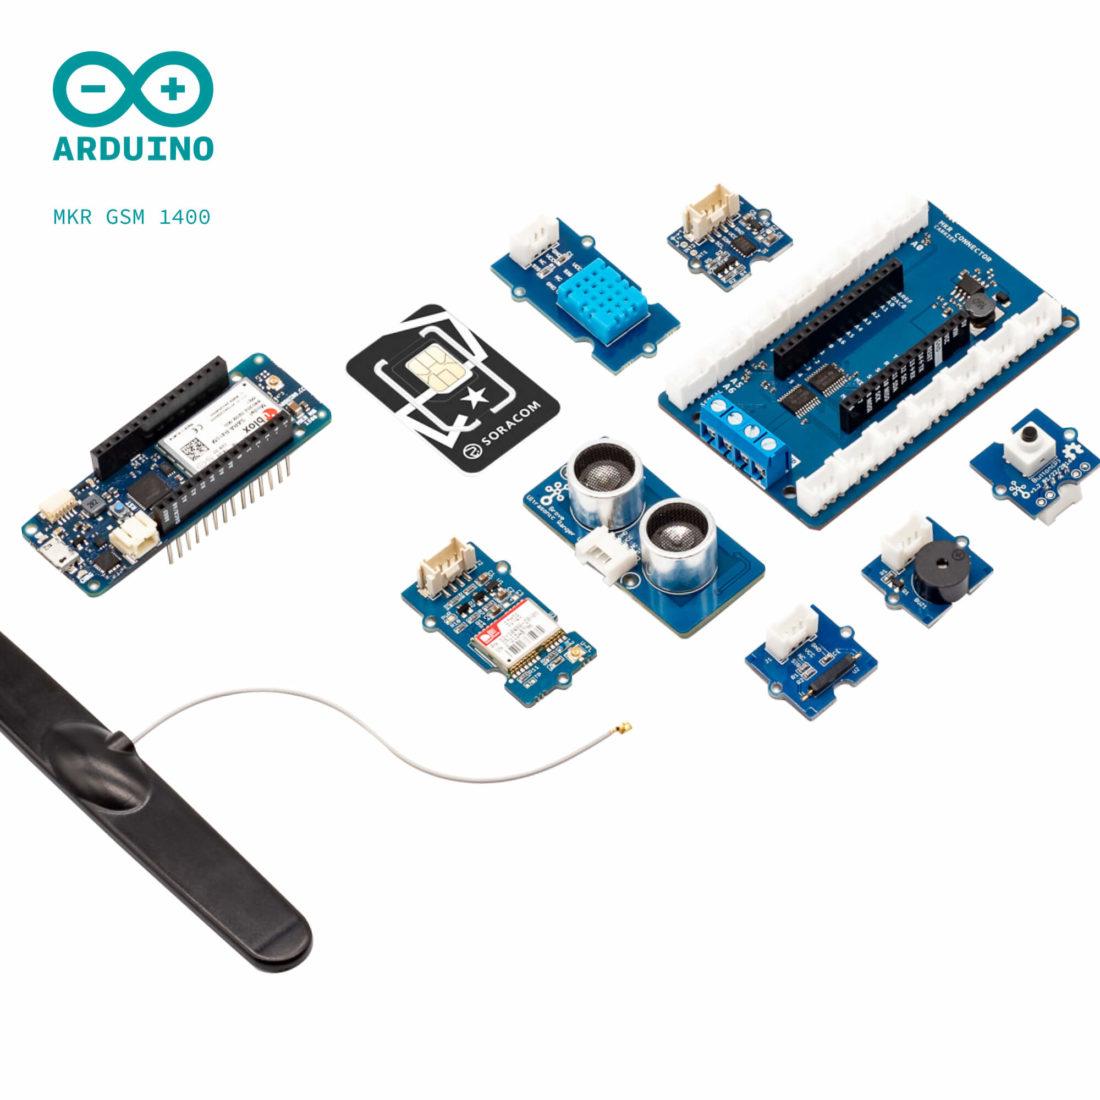 Soracom 2G/3G IoT Starter Kit (powered by Arduino)